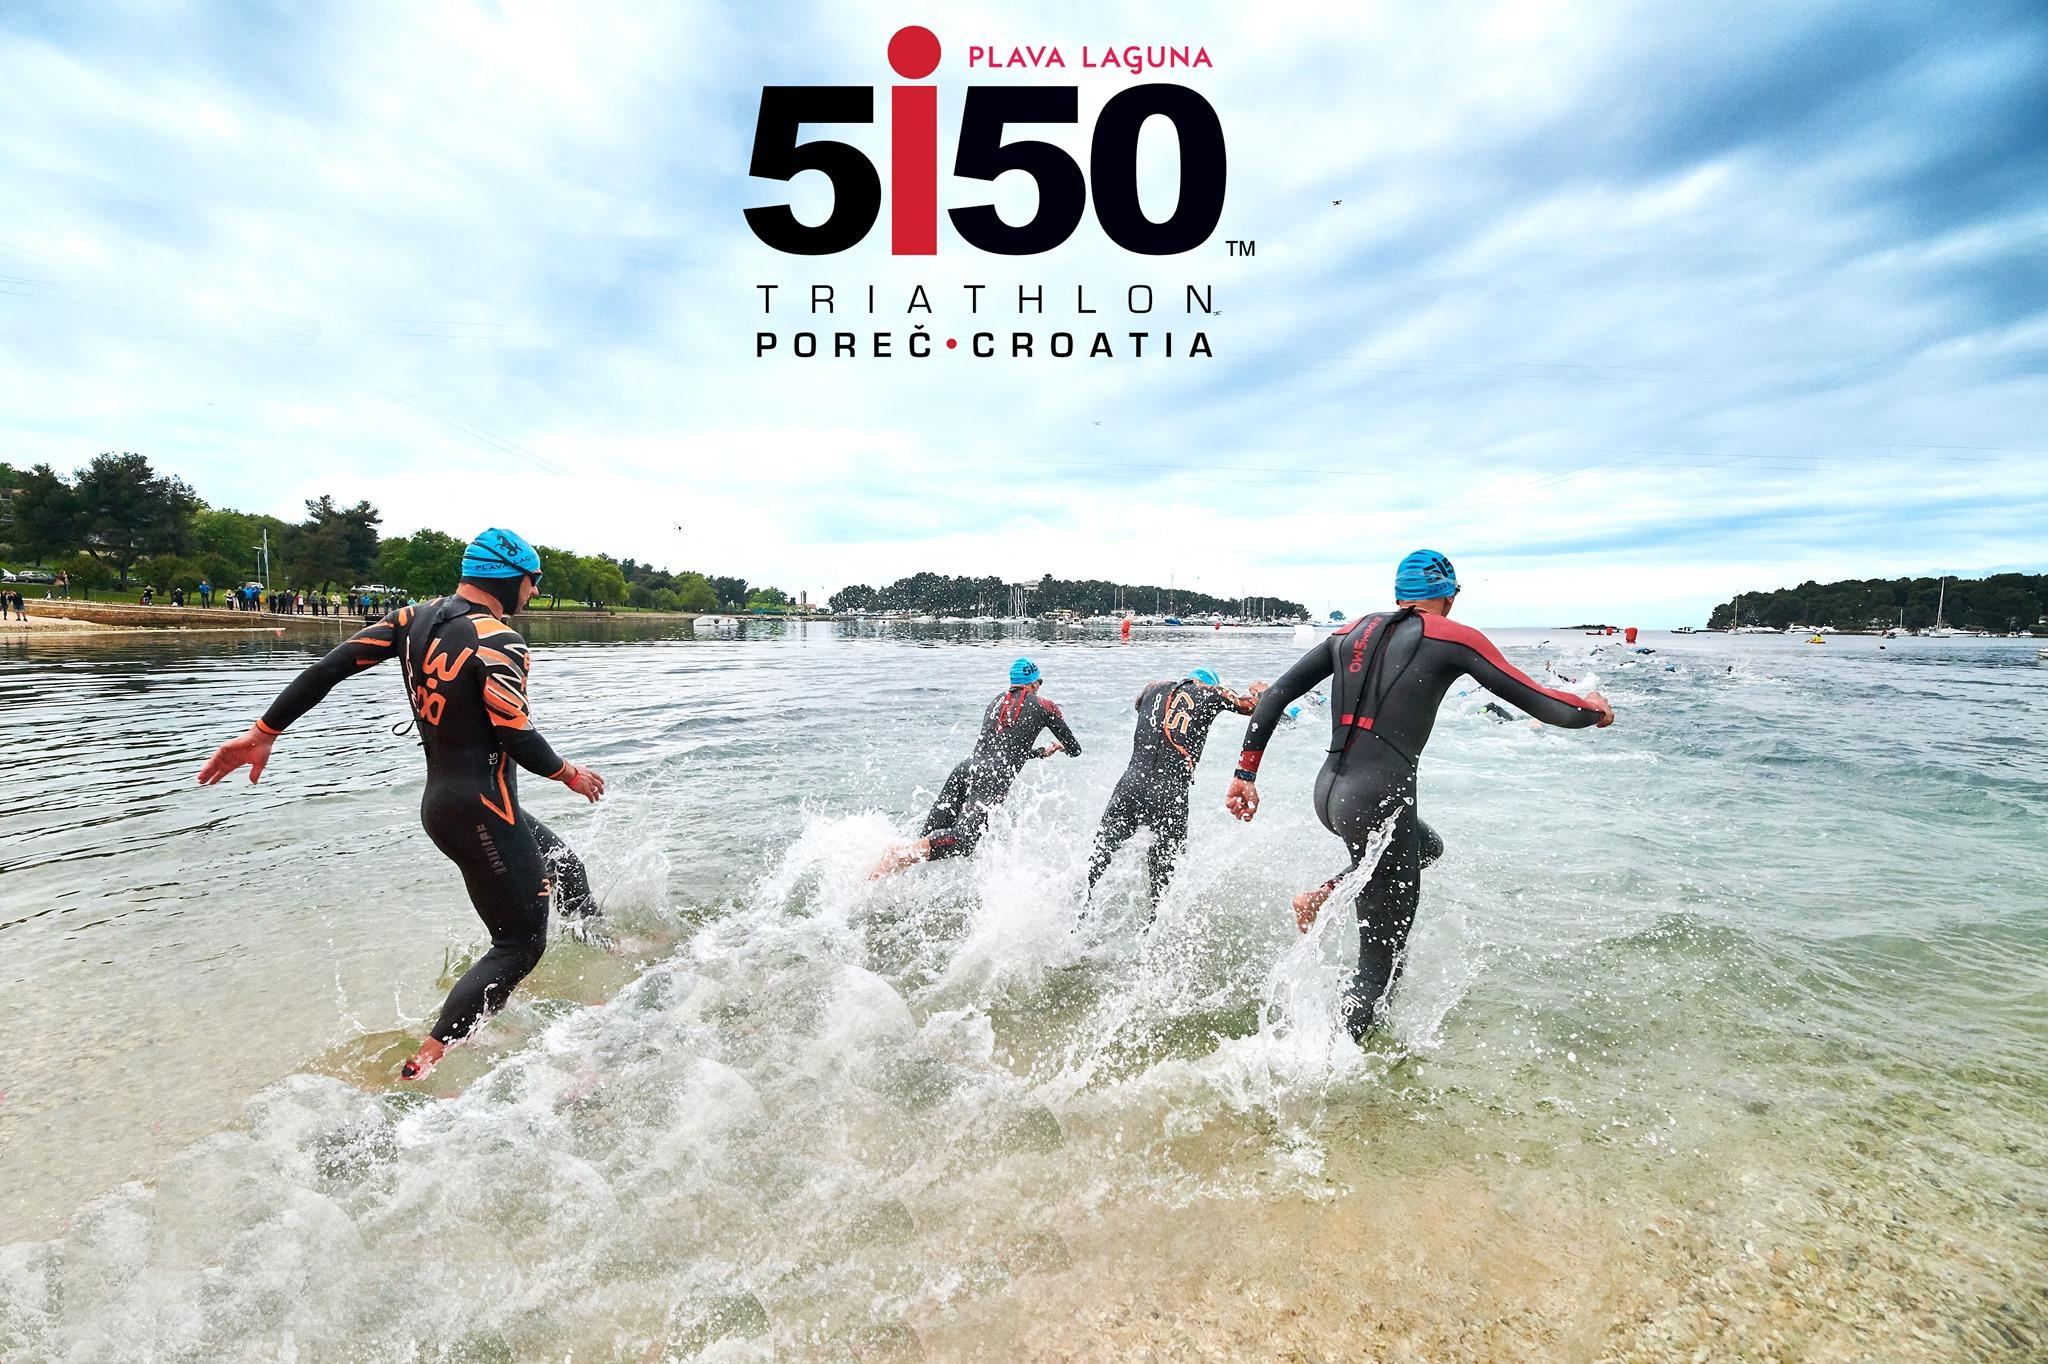 Plava Laguna triathlon 5150 Poreč